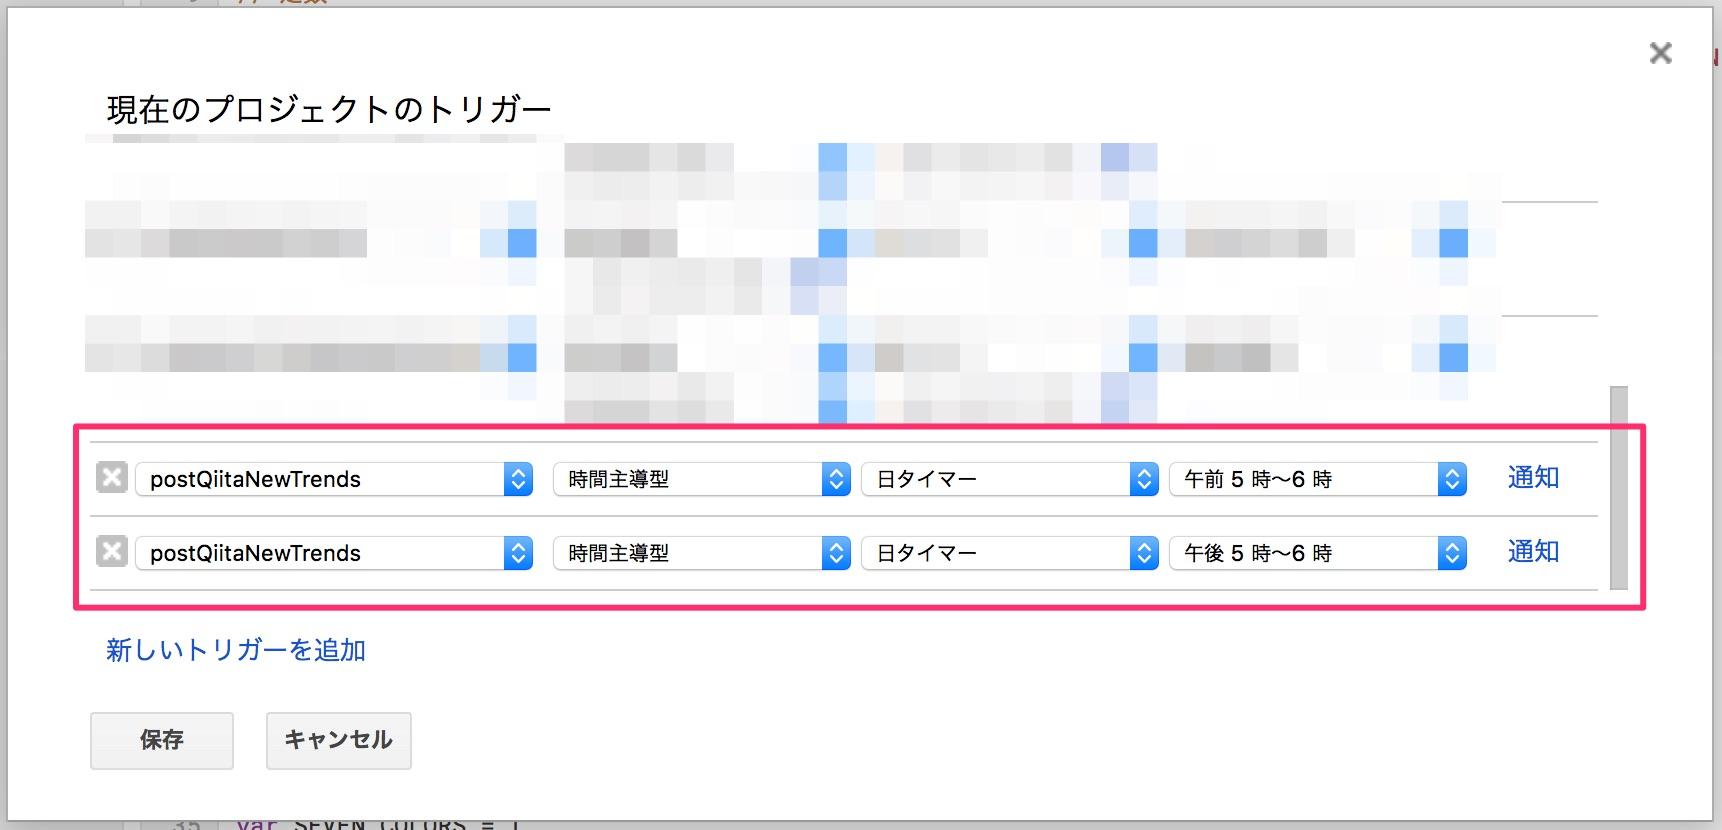 スクリーンショット_2018-08-12_12_49_46.jpg